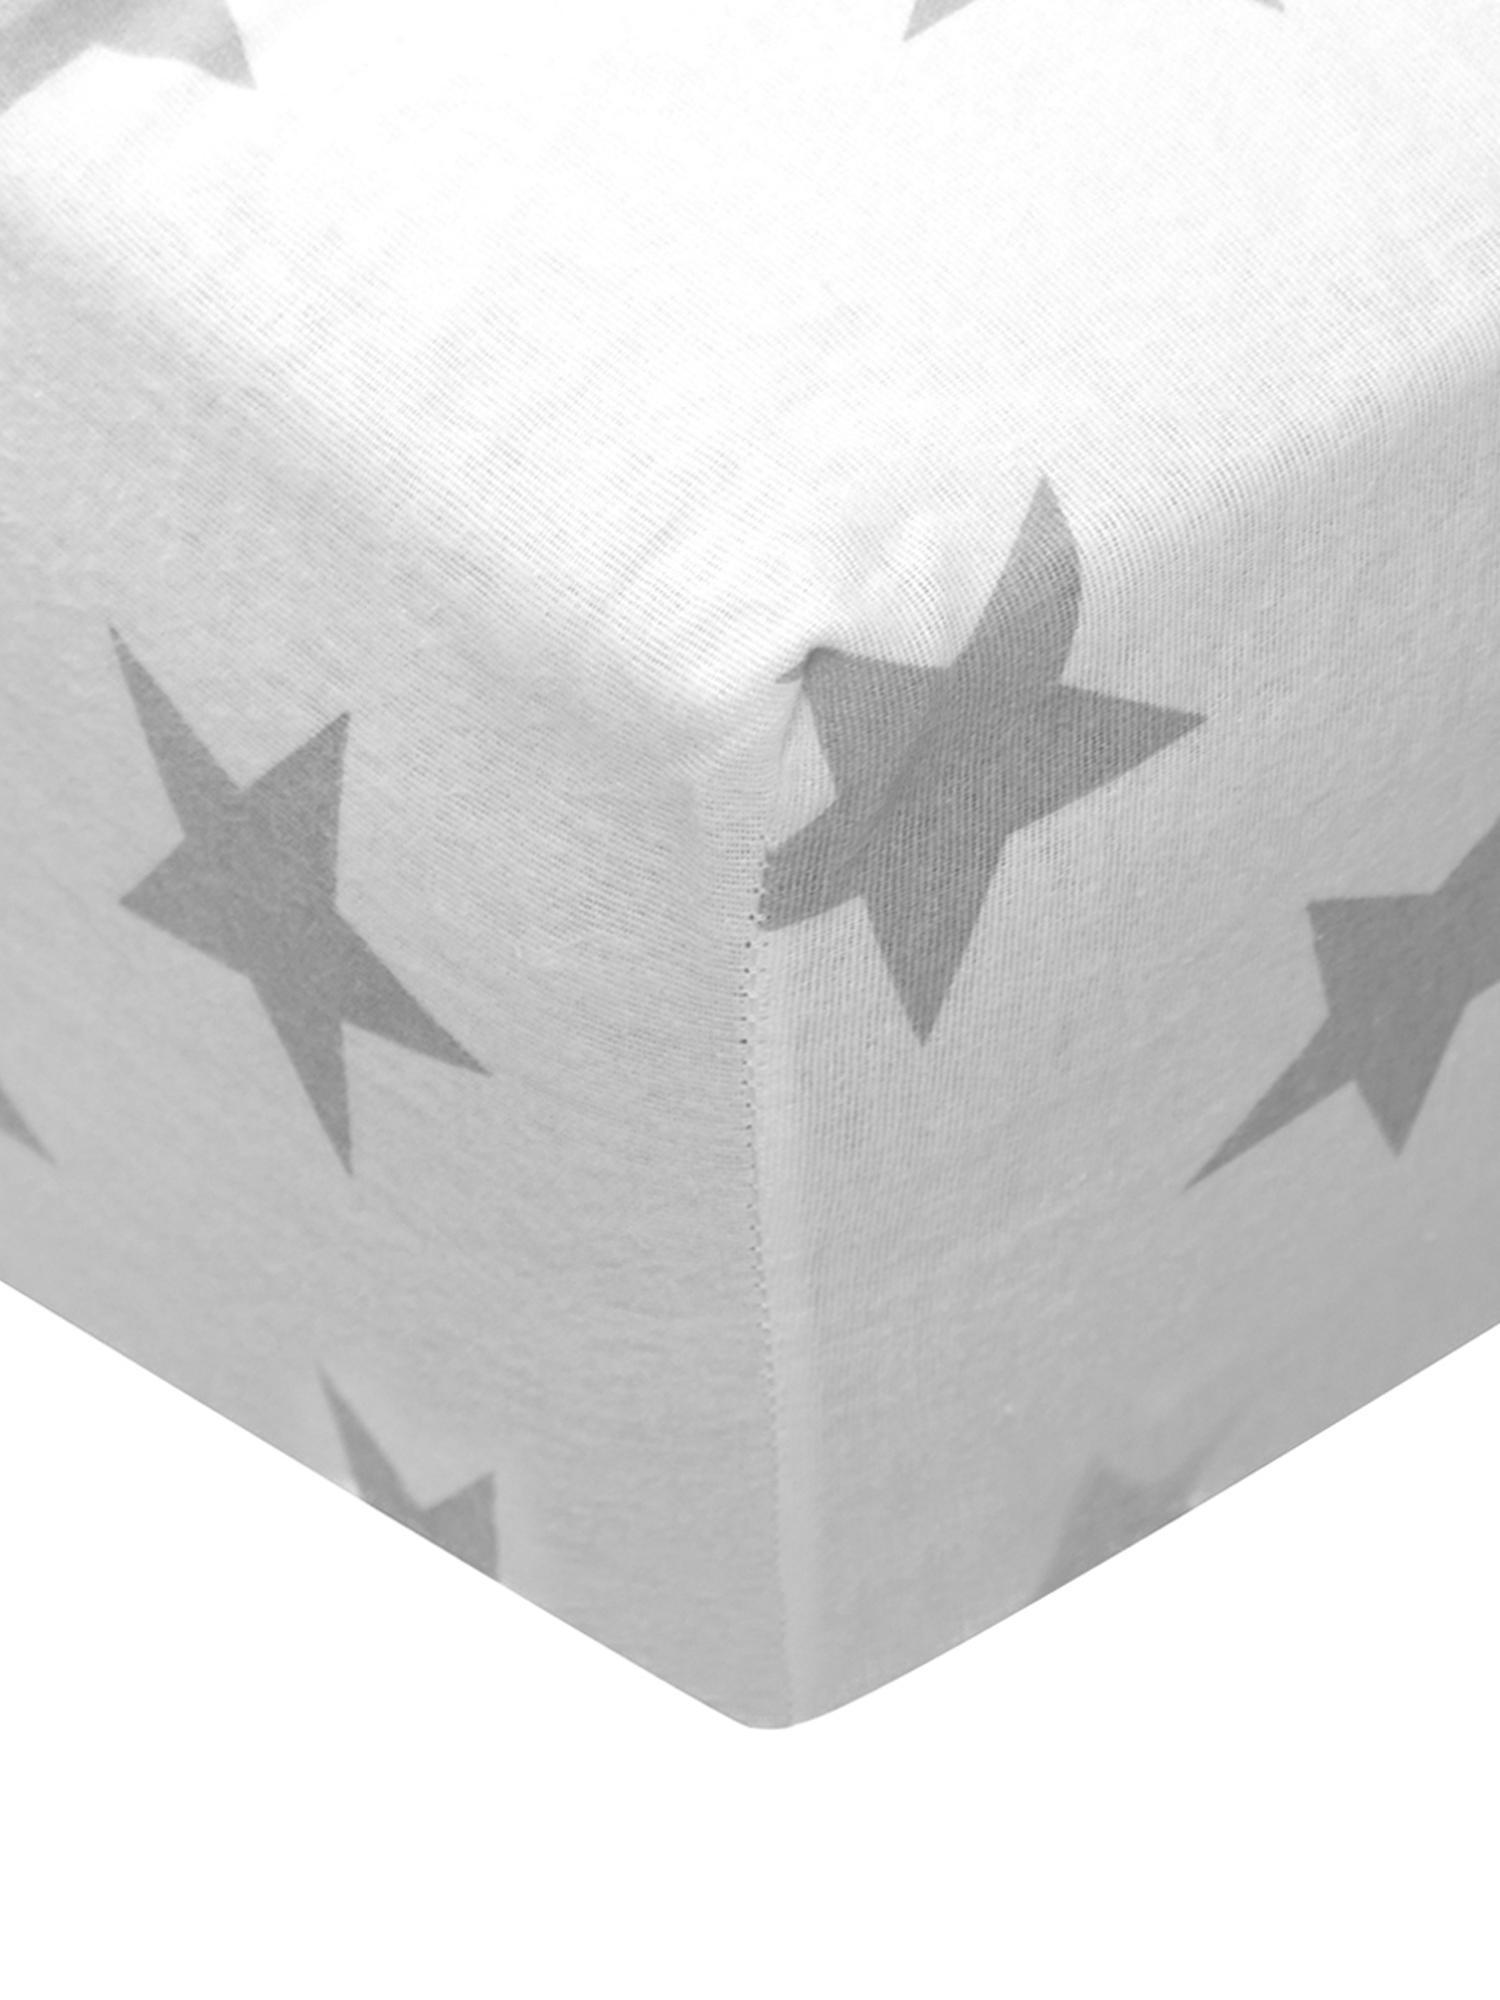 Flanellen hoeslaken Steve, 100% katoen, flanel, Grijs, wit, 90 x 200 cm